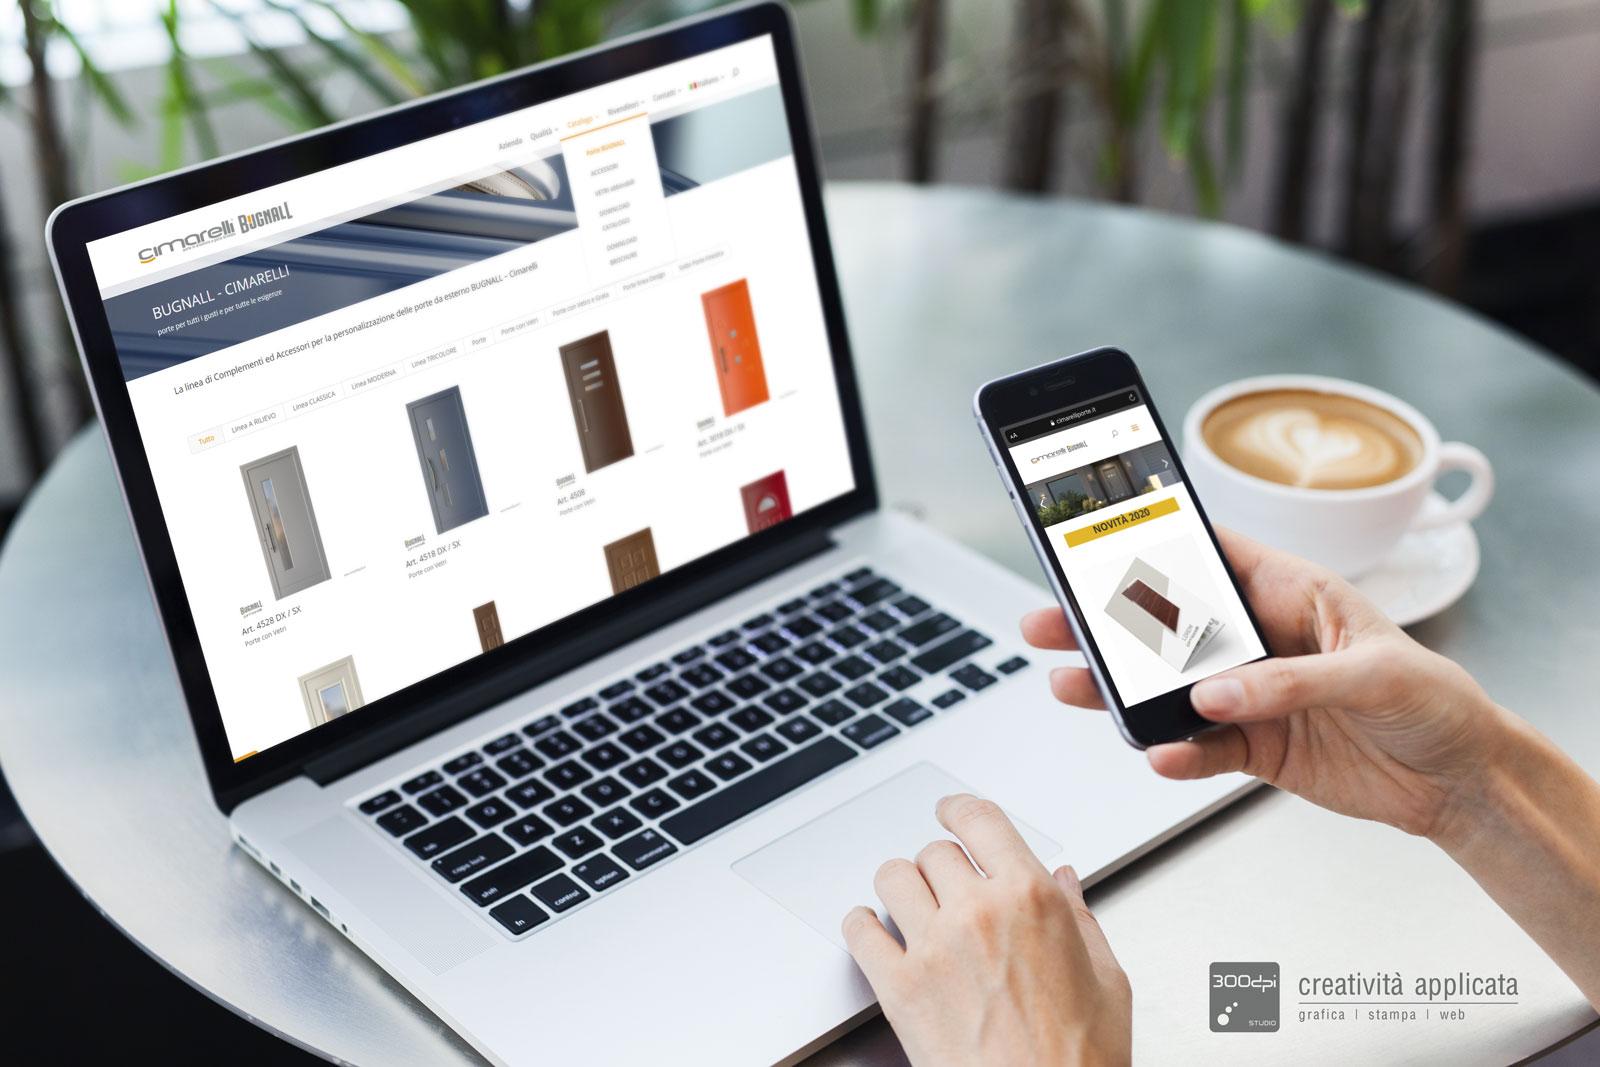 Realizzazione sito web professionale - 300dpi STUDIO